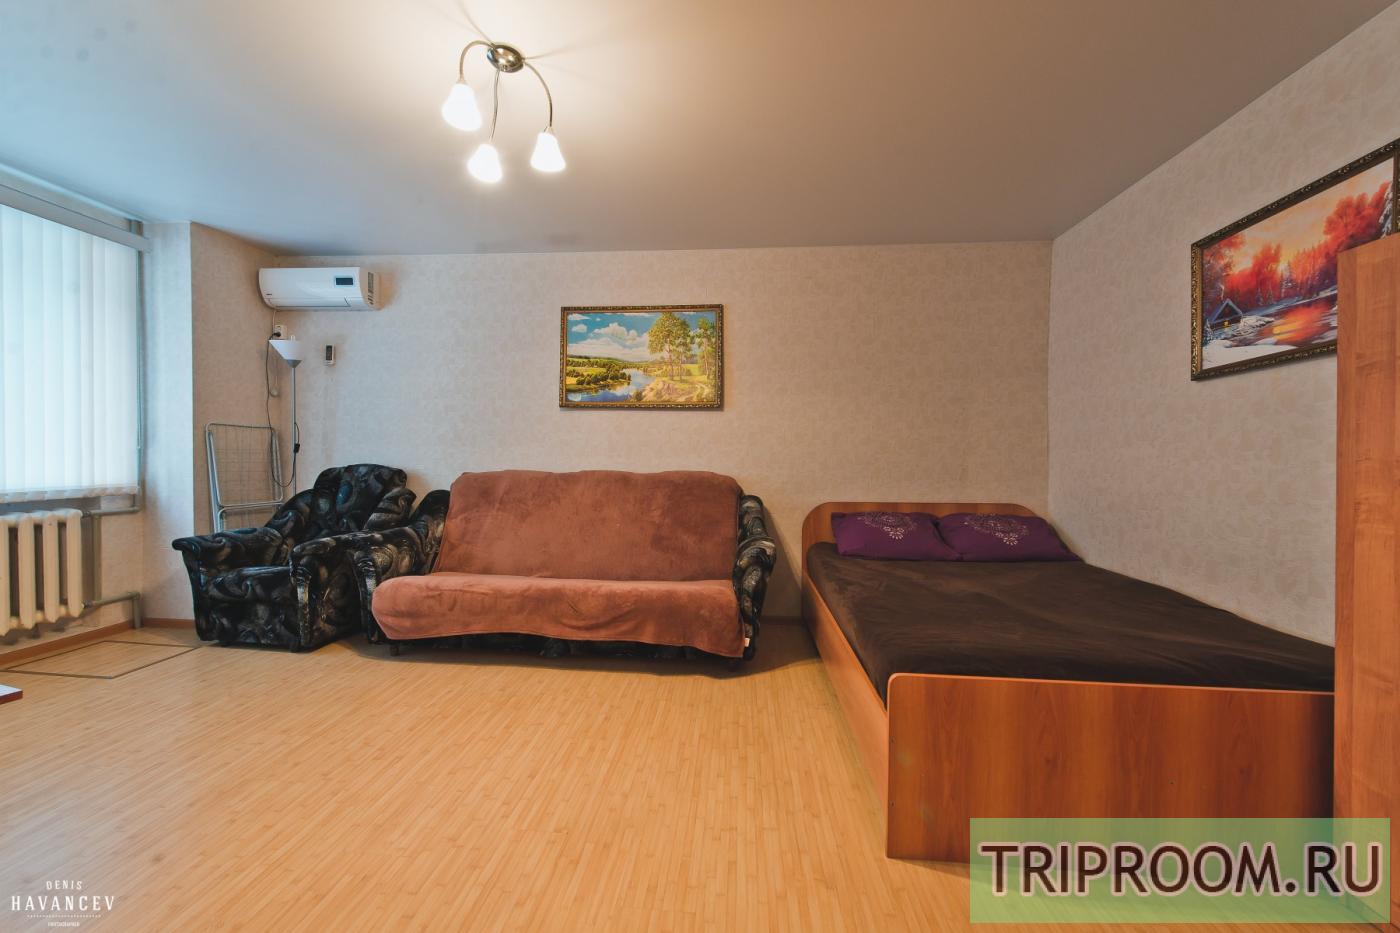 1-комнатная квартира посуточно (вариант № 14829), ул. Космонавтов набережная, фото № 3